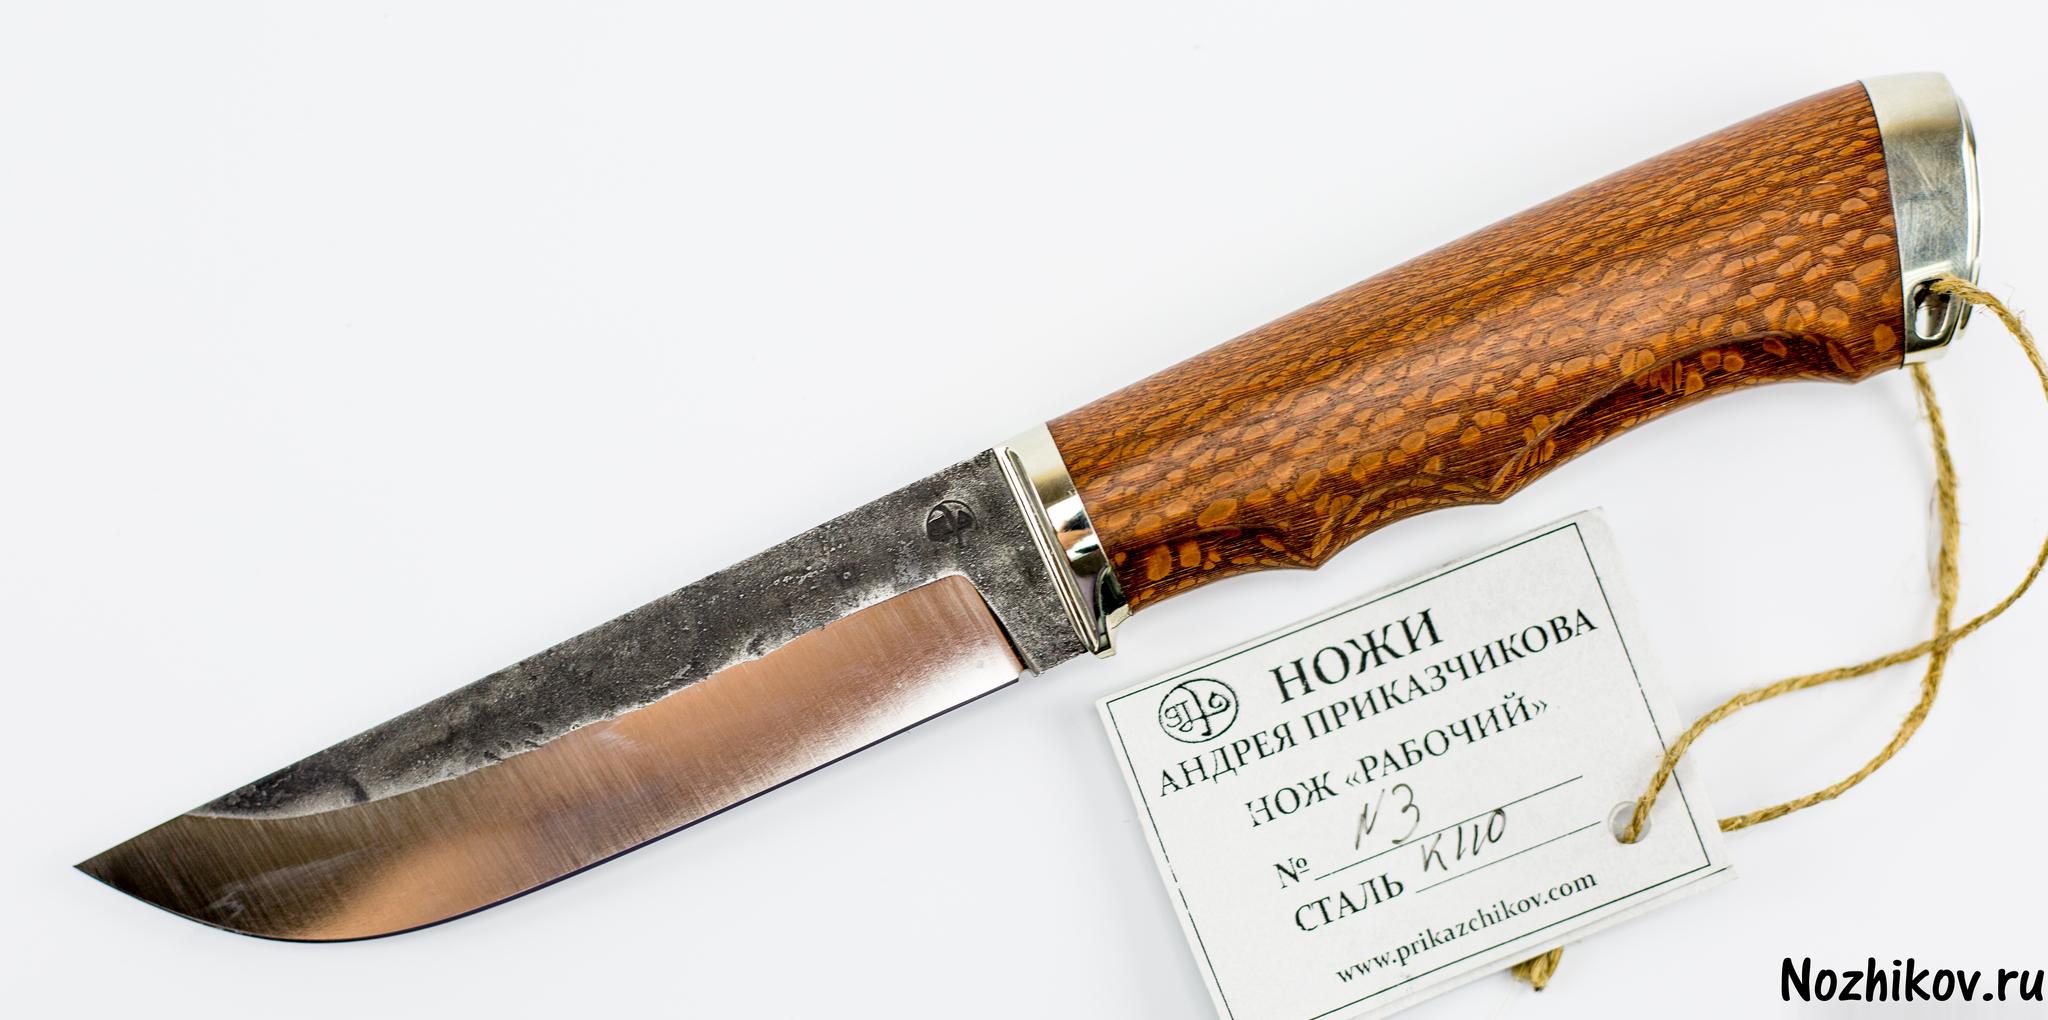 Нож Рабочий №3 из K110, от ПриказчиковаНожи Павлово<br><br>